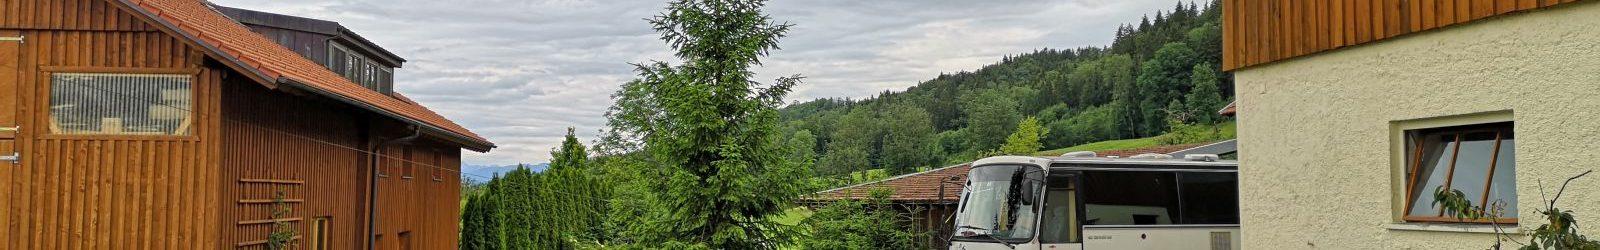 Sommerurlaub 2020 Tag 1: Urlaub auf dem Bauernhof